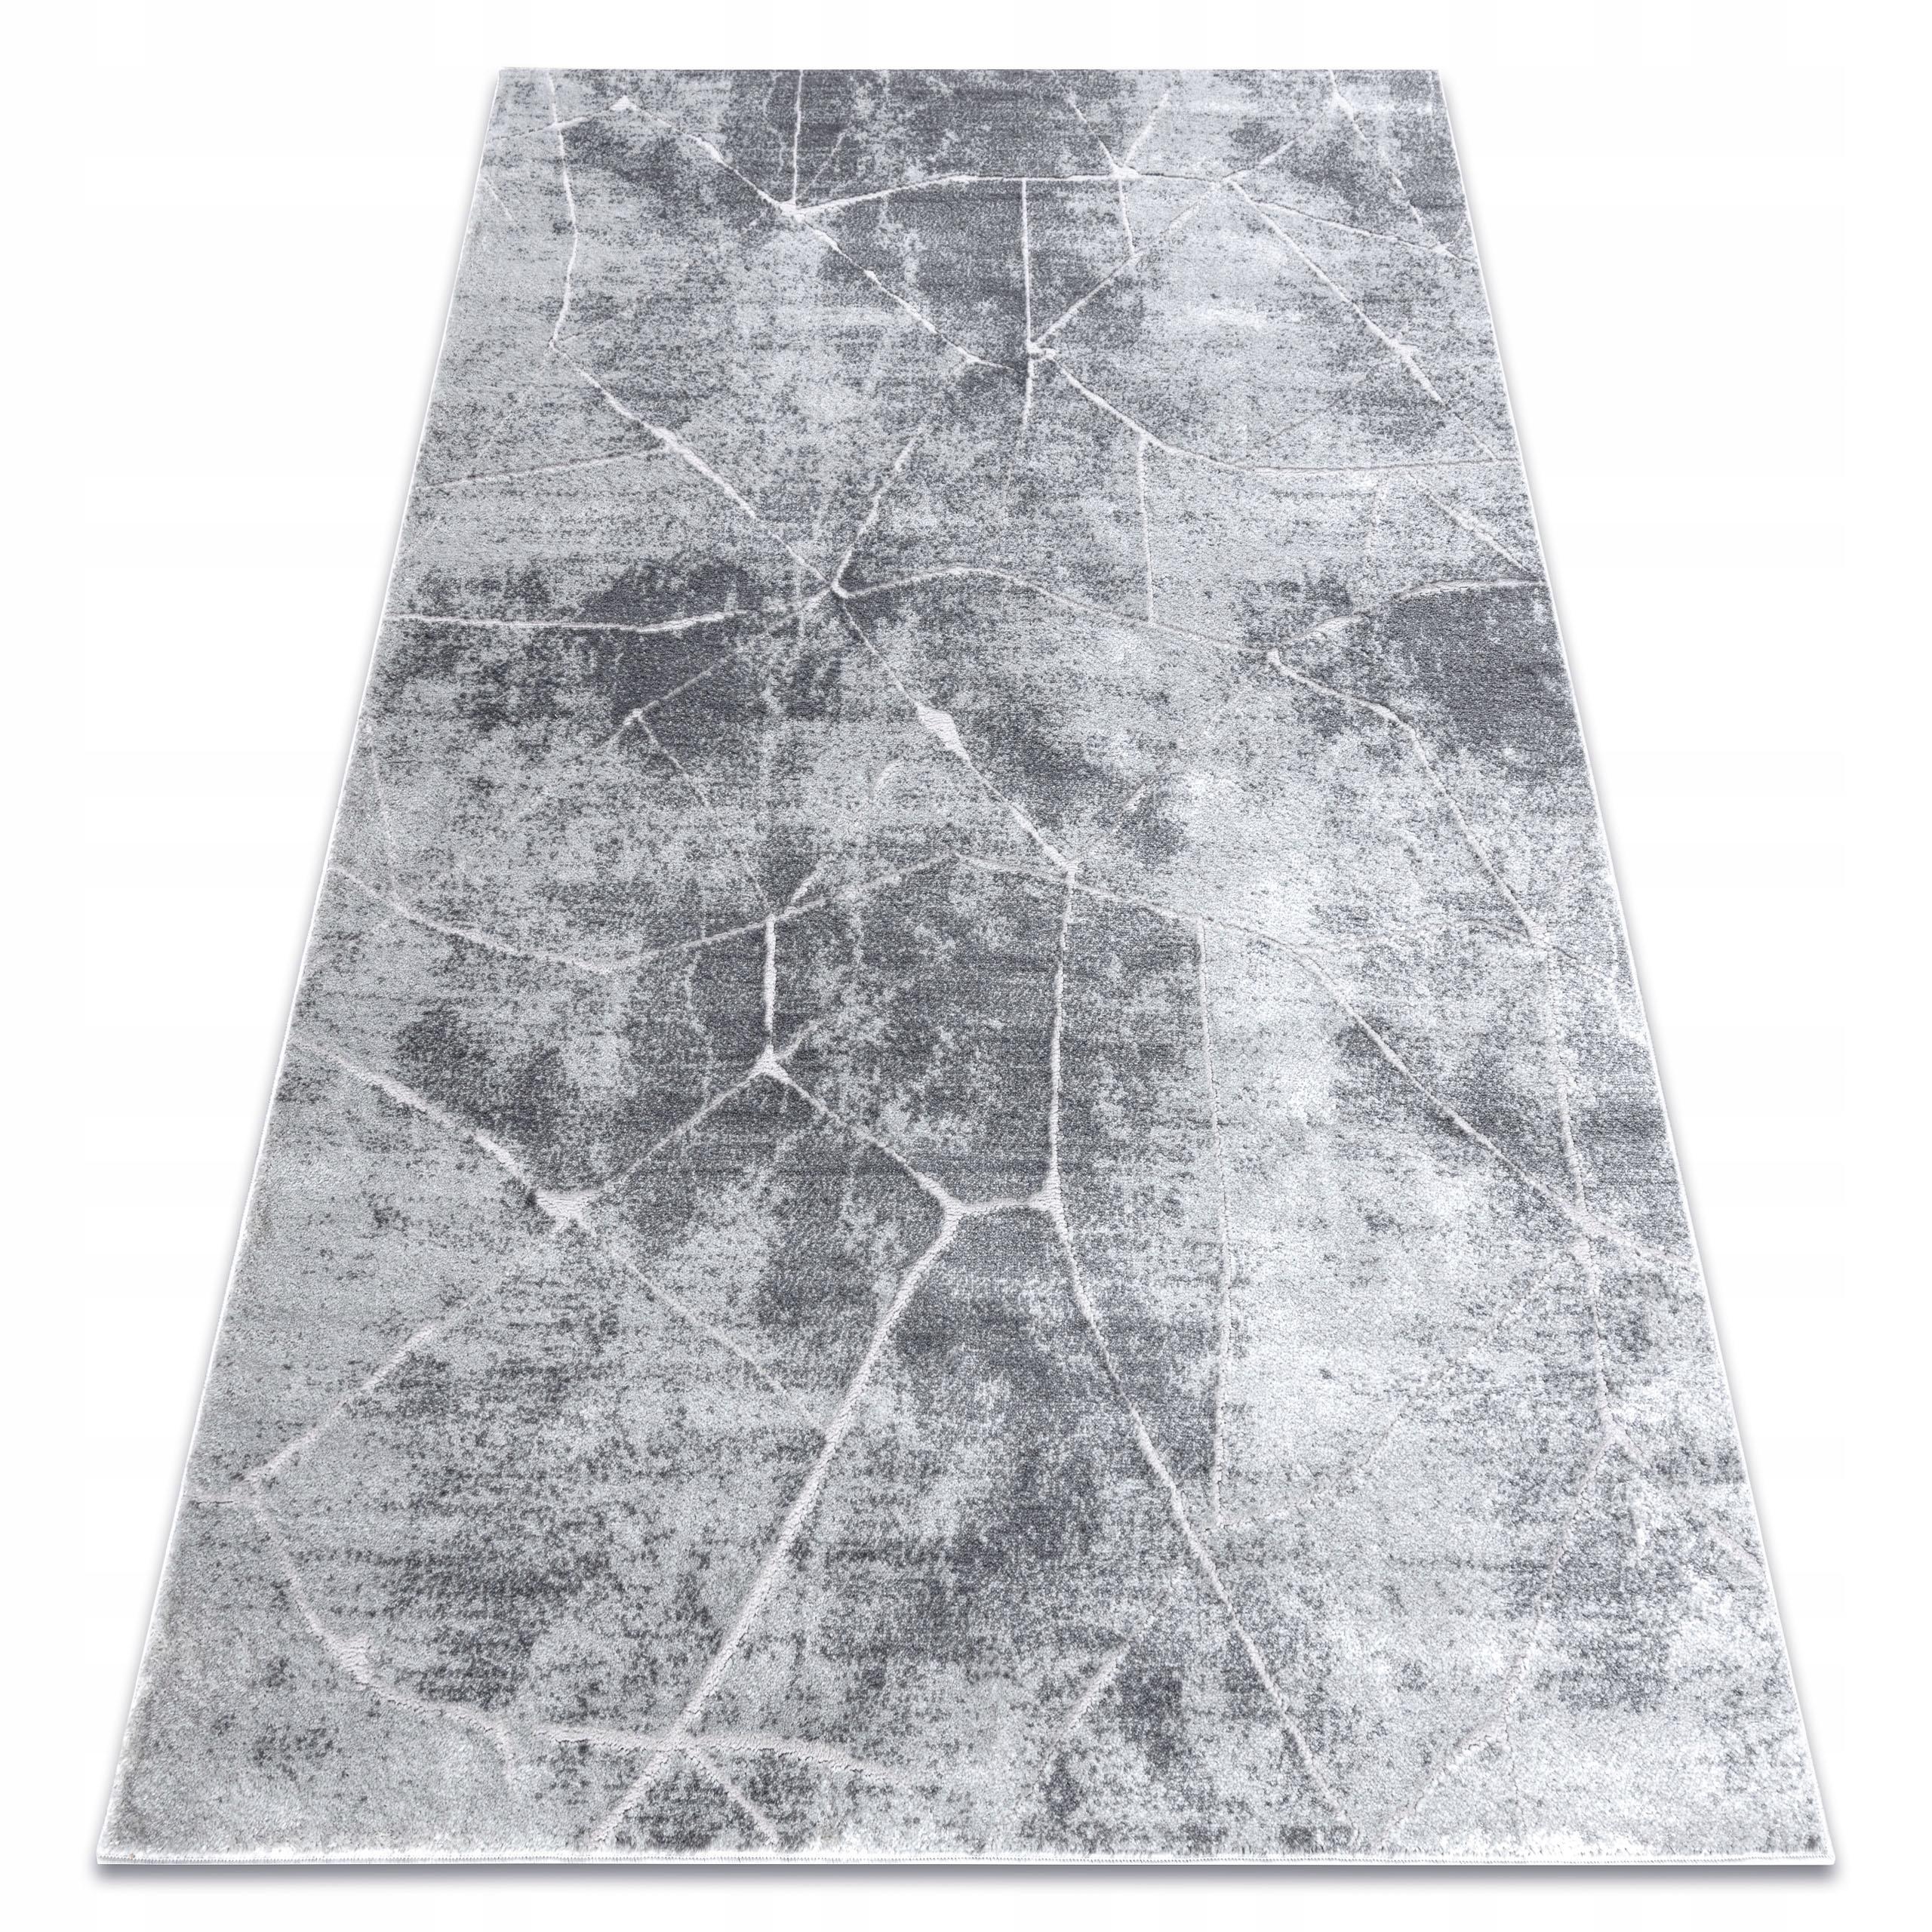 Koberec MEFE MODERNÝ KOBEREC 80x150 MRAMORU šedá #AT466